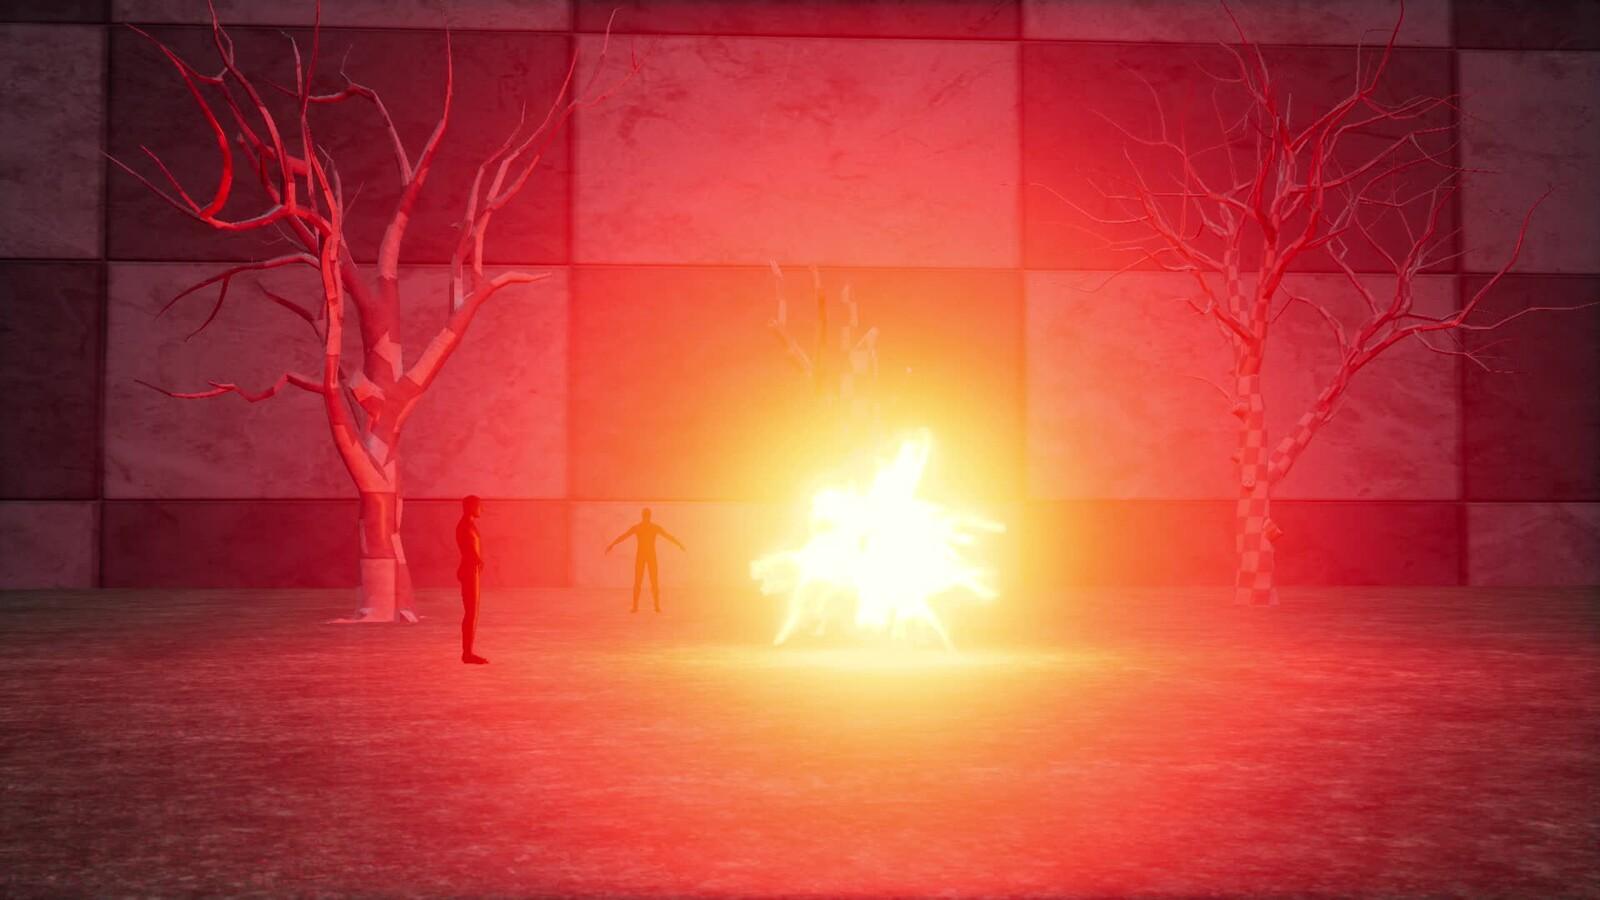 Grenade Explosion - Realtime